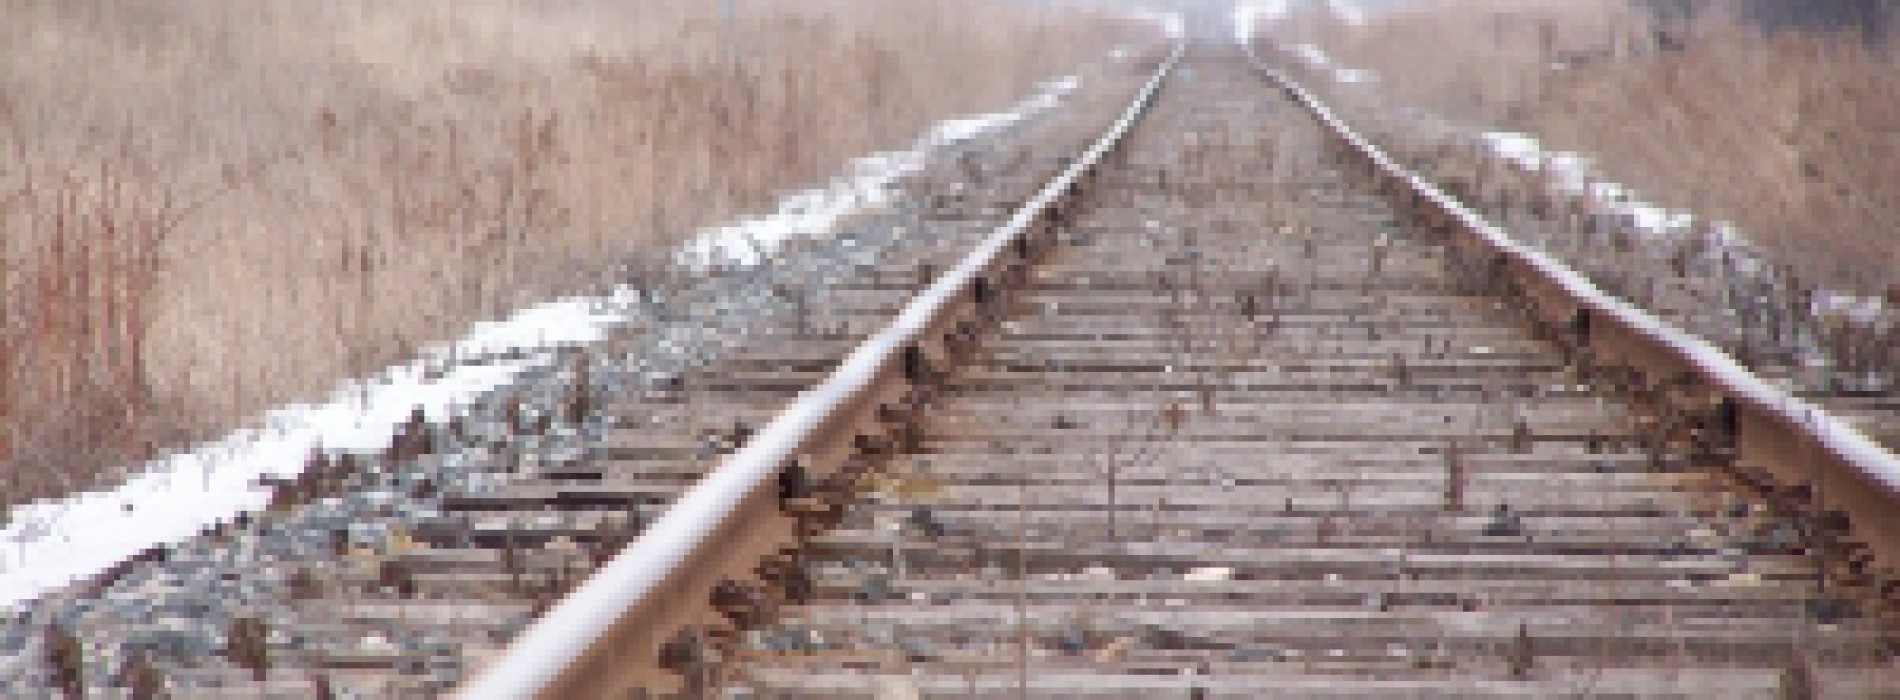 Nieznani sprawcy ukradli sieć trakcyjną, poważne utrudnienia na trasie Olsztyn – Działdowo